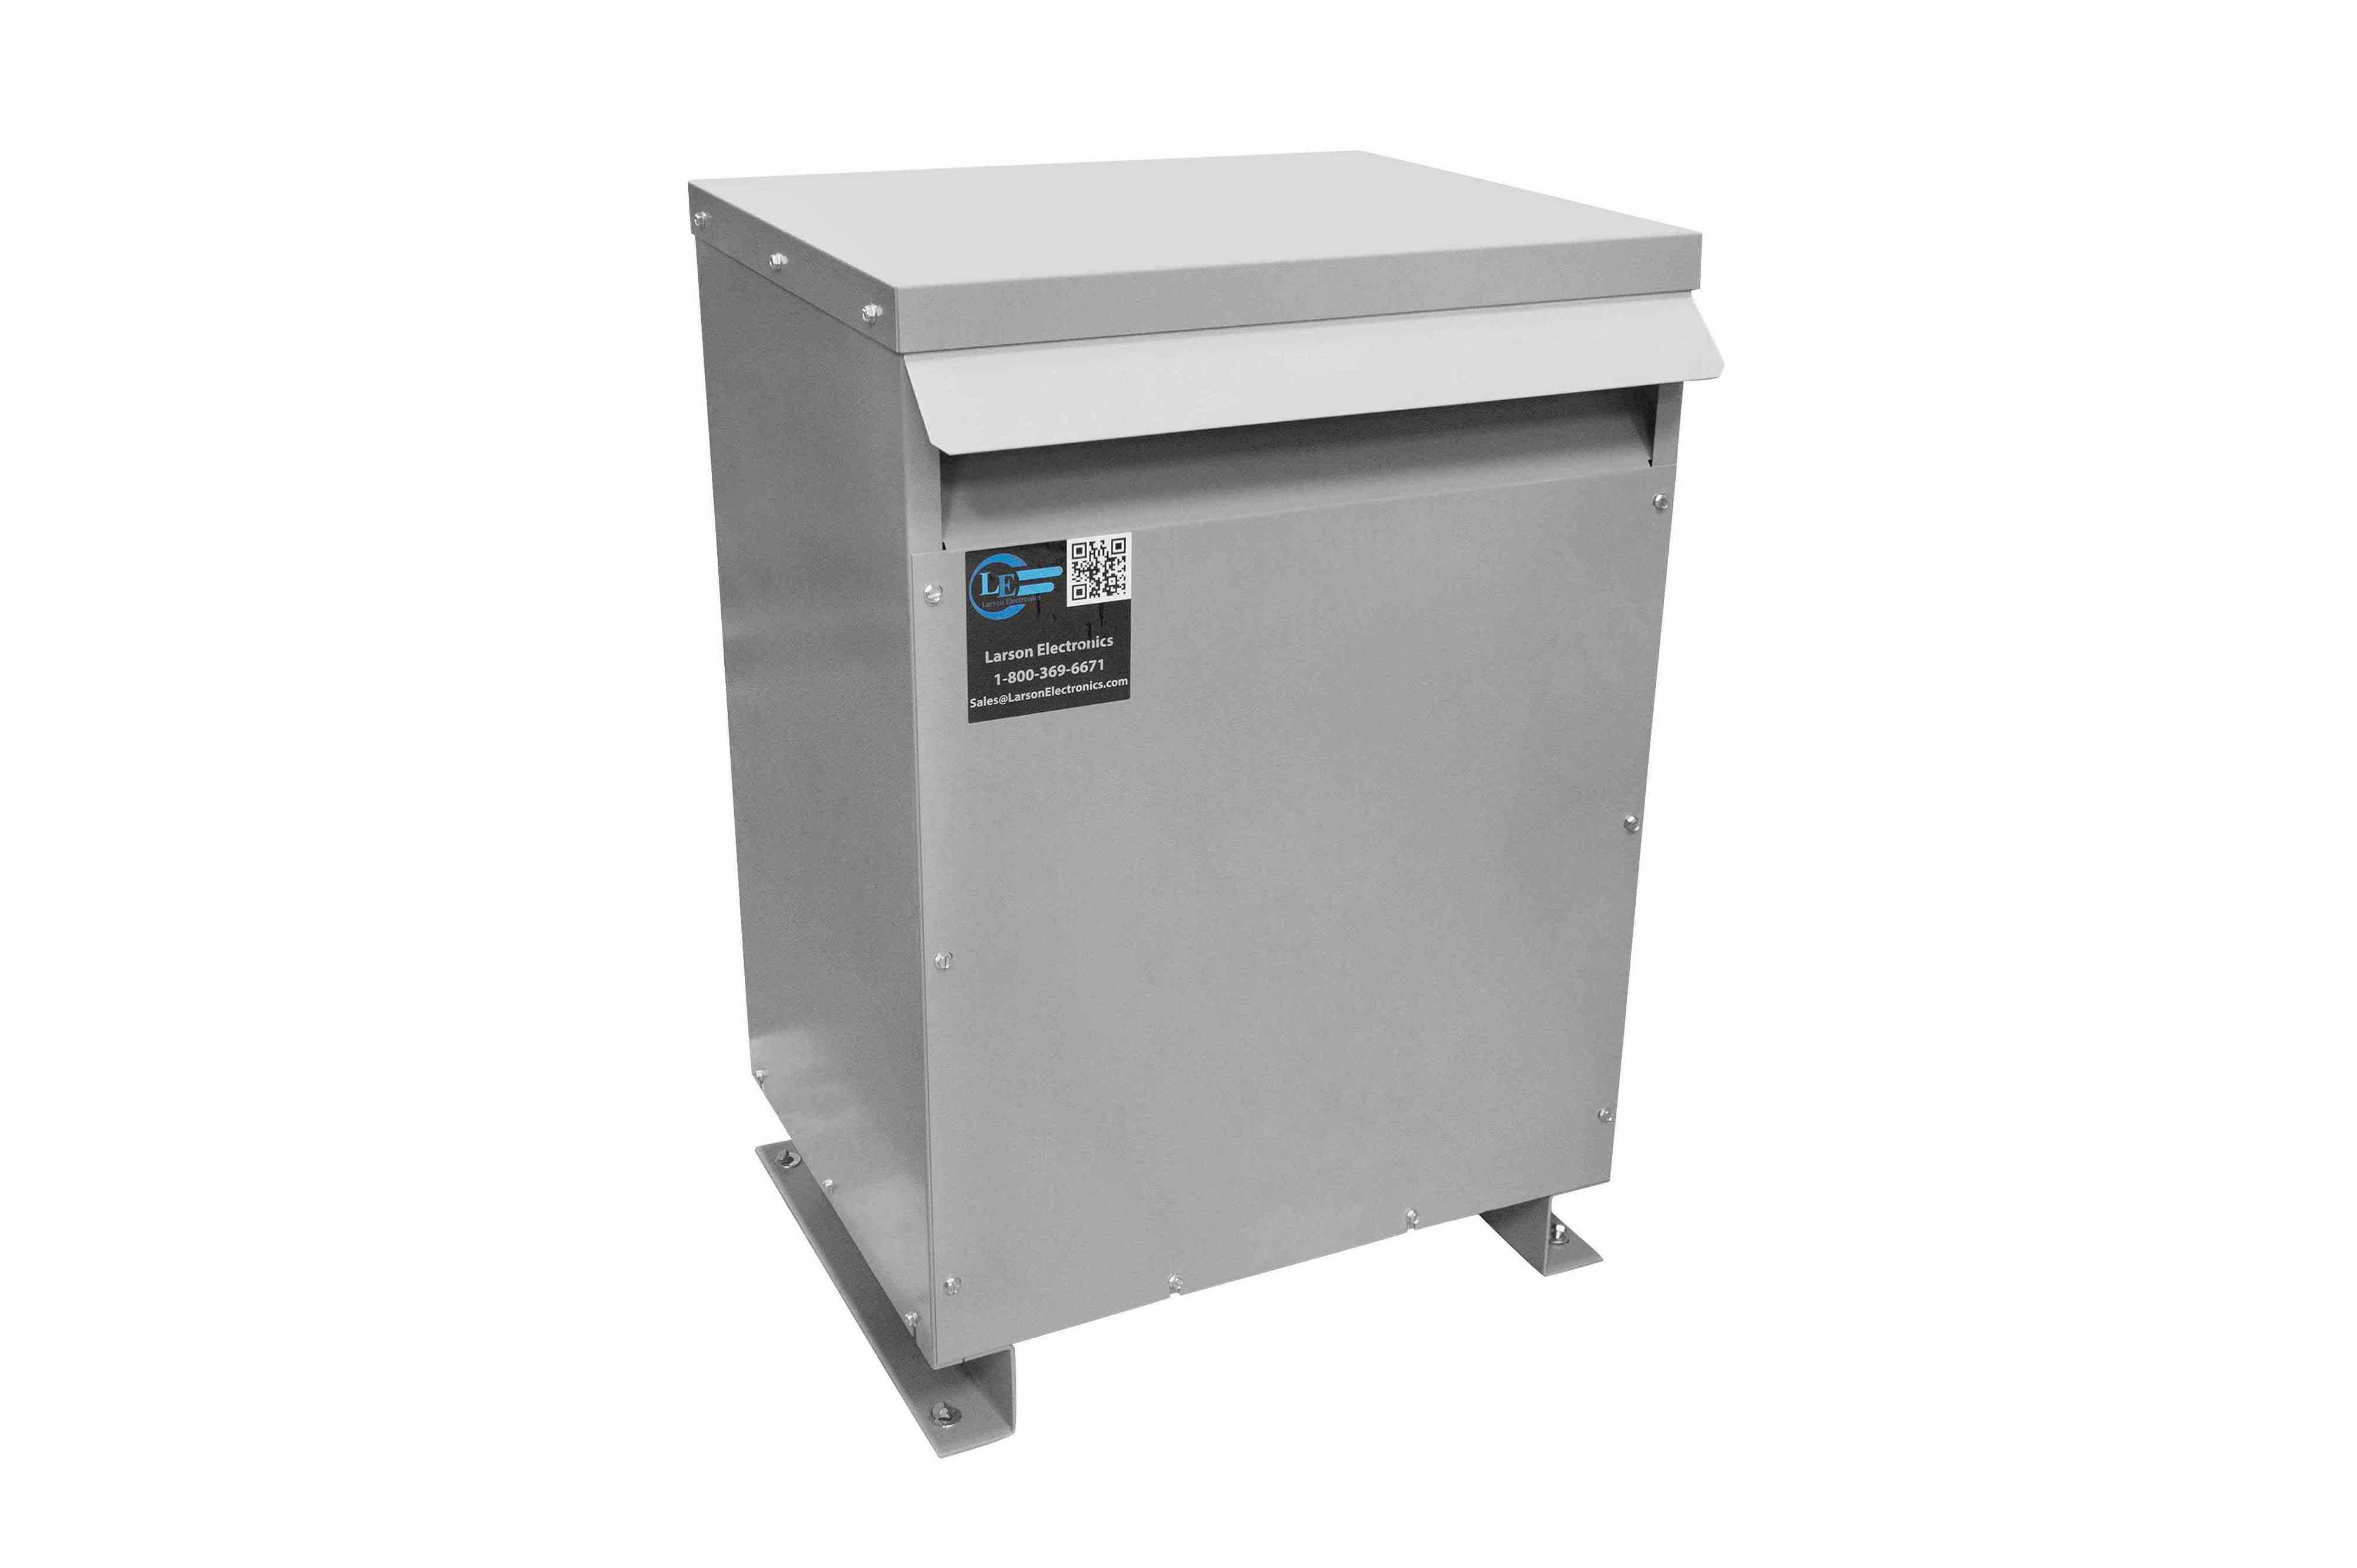 100 kVA 3PH Isolation Transformer, 208V Delta Primary, 380V Delta Secondary, N3R, Ventilated, 60 Hz